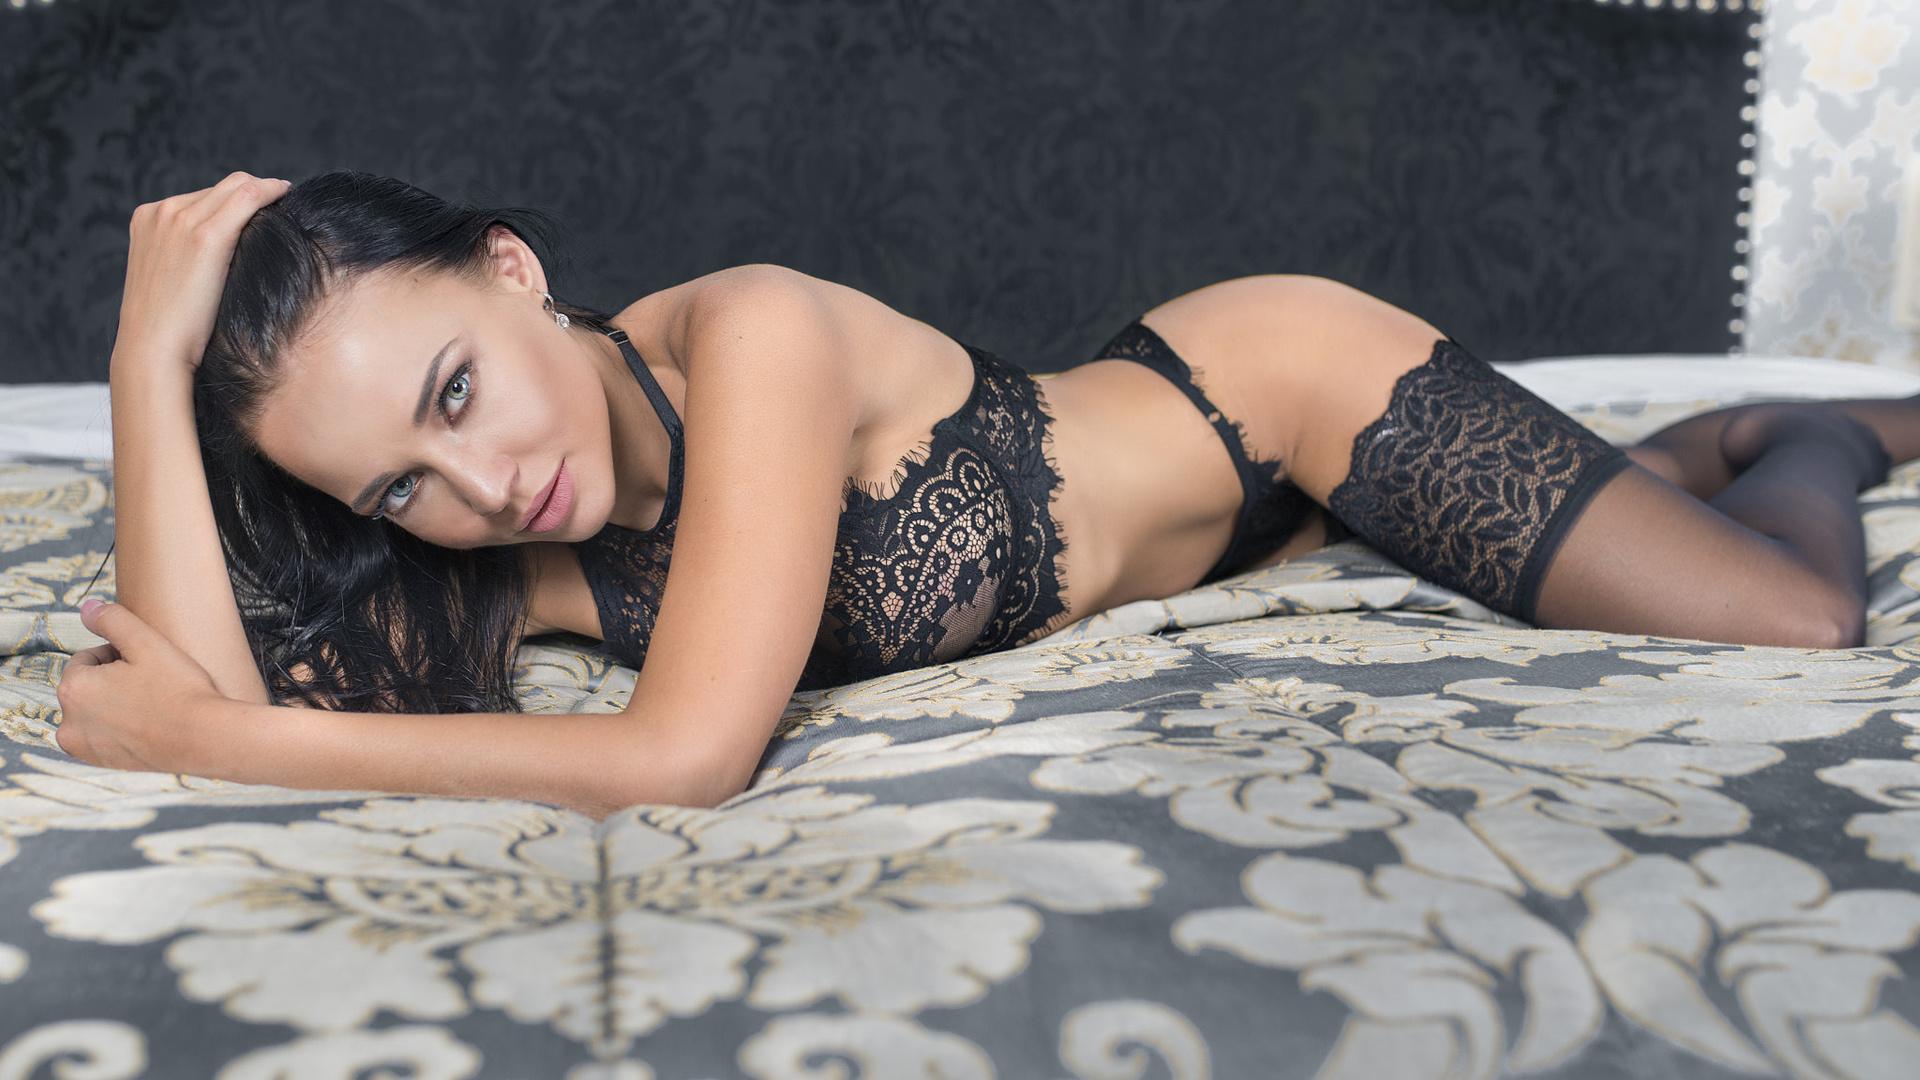 Русская красотка ангелина, Русское порно с Анжелика - смотреть онлайн бесплатно 24 фотография